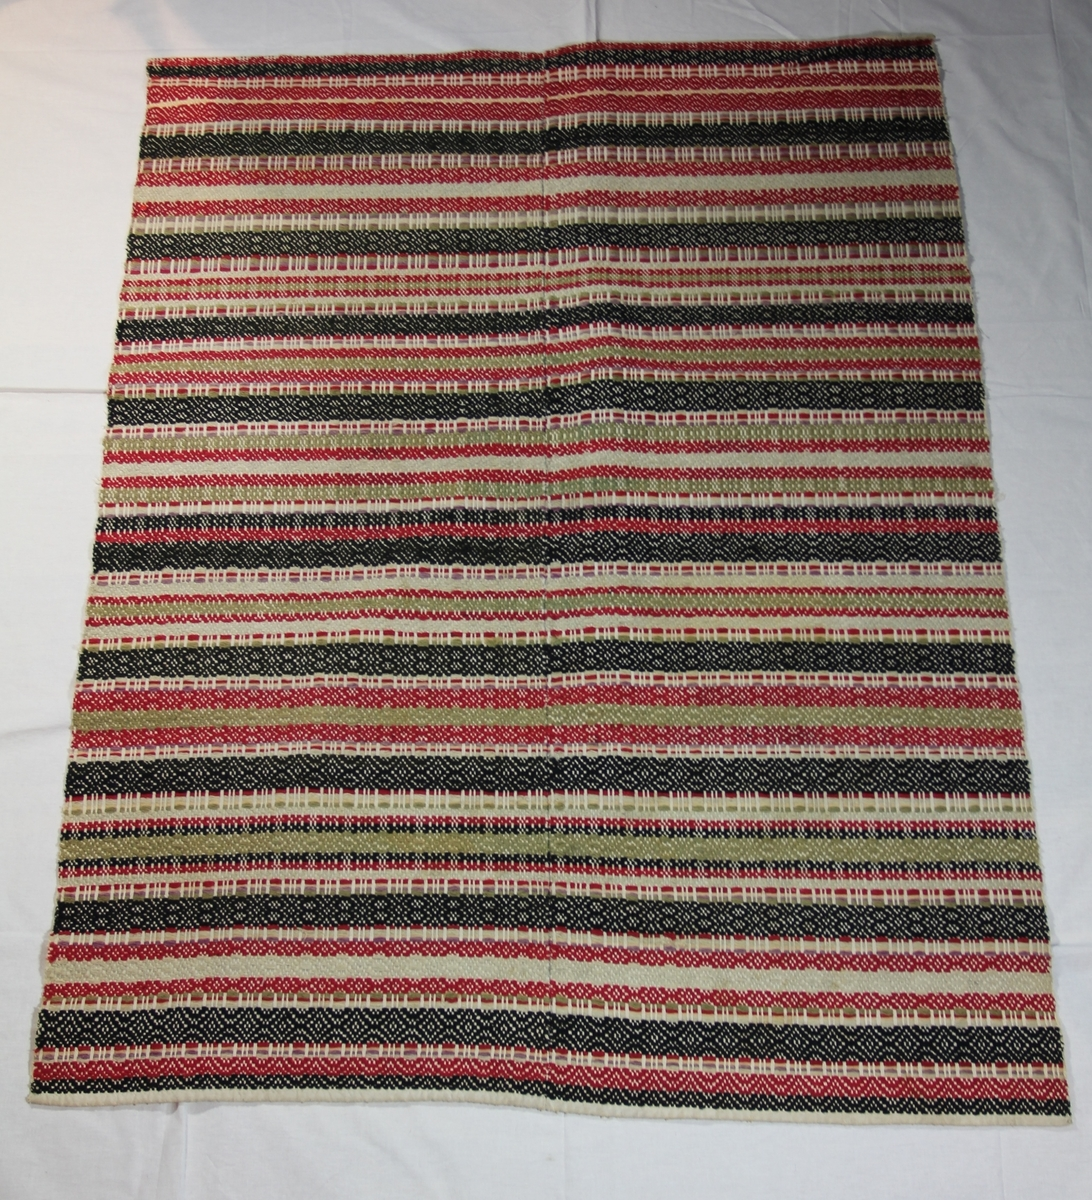 Teppe laget i bomull og ull. Bunnrenning av hvit bomull med mønstre ved islett av ull i forskjellige farger, og forskjellig slags bragveving. Tverrstriper i rødt, sort, mosegrønt, hvitt og fiolett. Stripene skifter uten noe bestemt system. To stykker sydd sammen ved midtsøm.